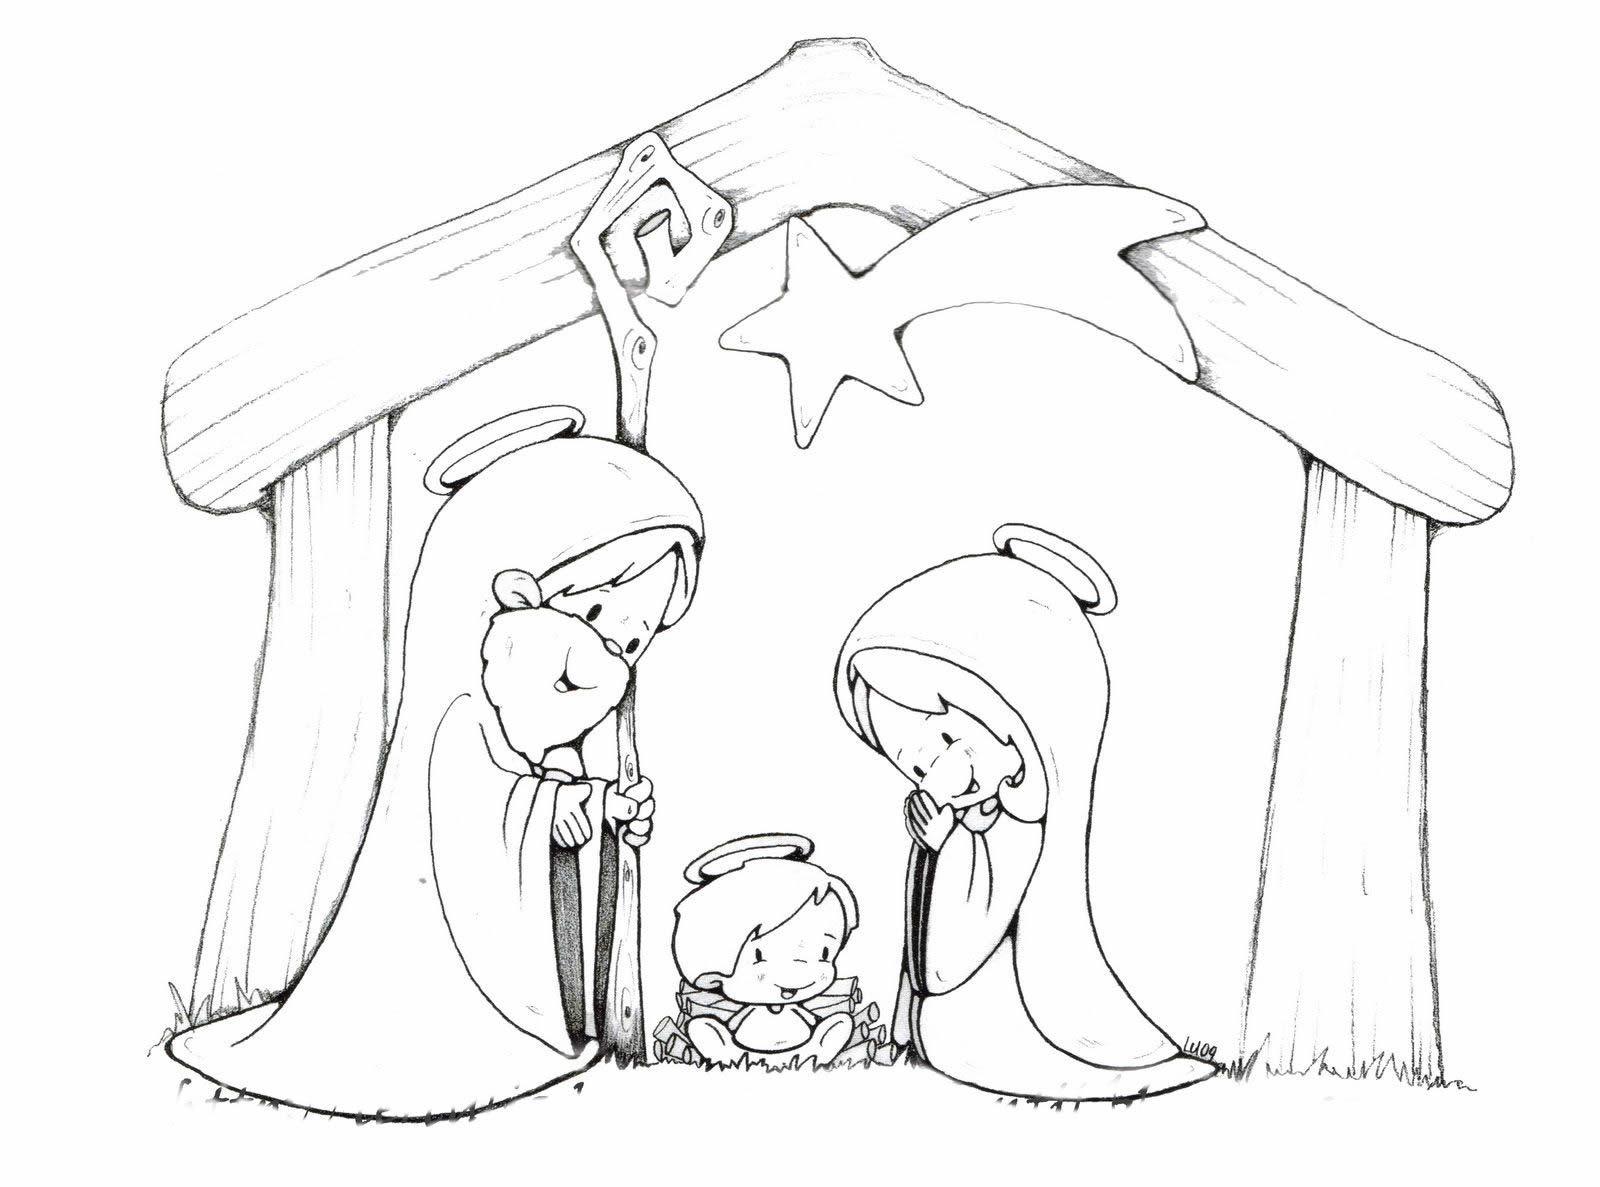 nacimiento caricatura - Buscar con Google | nacimiento | Pinterest ...